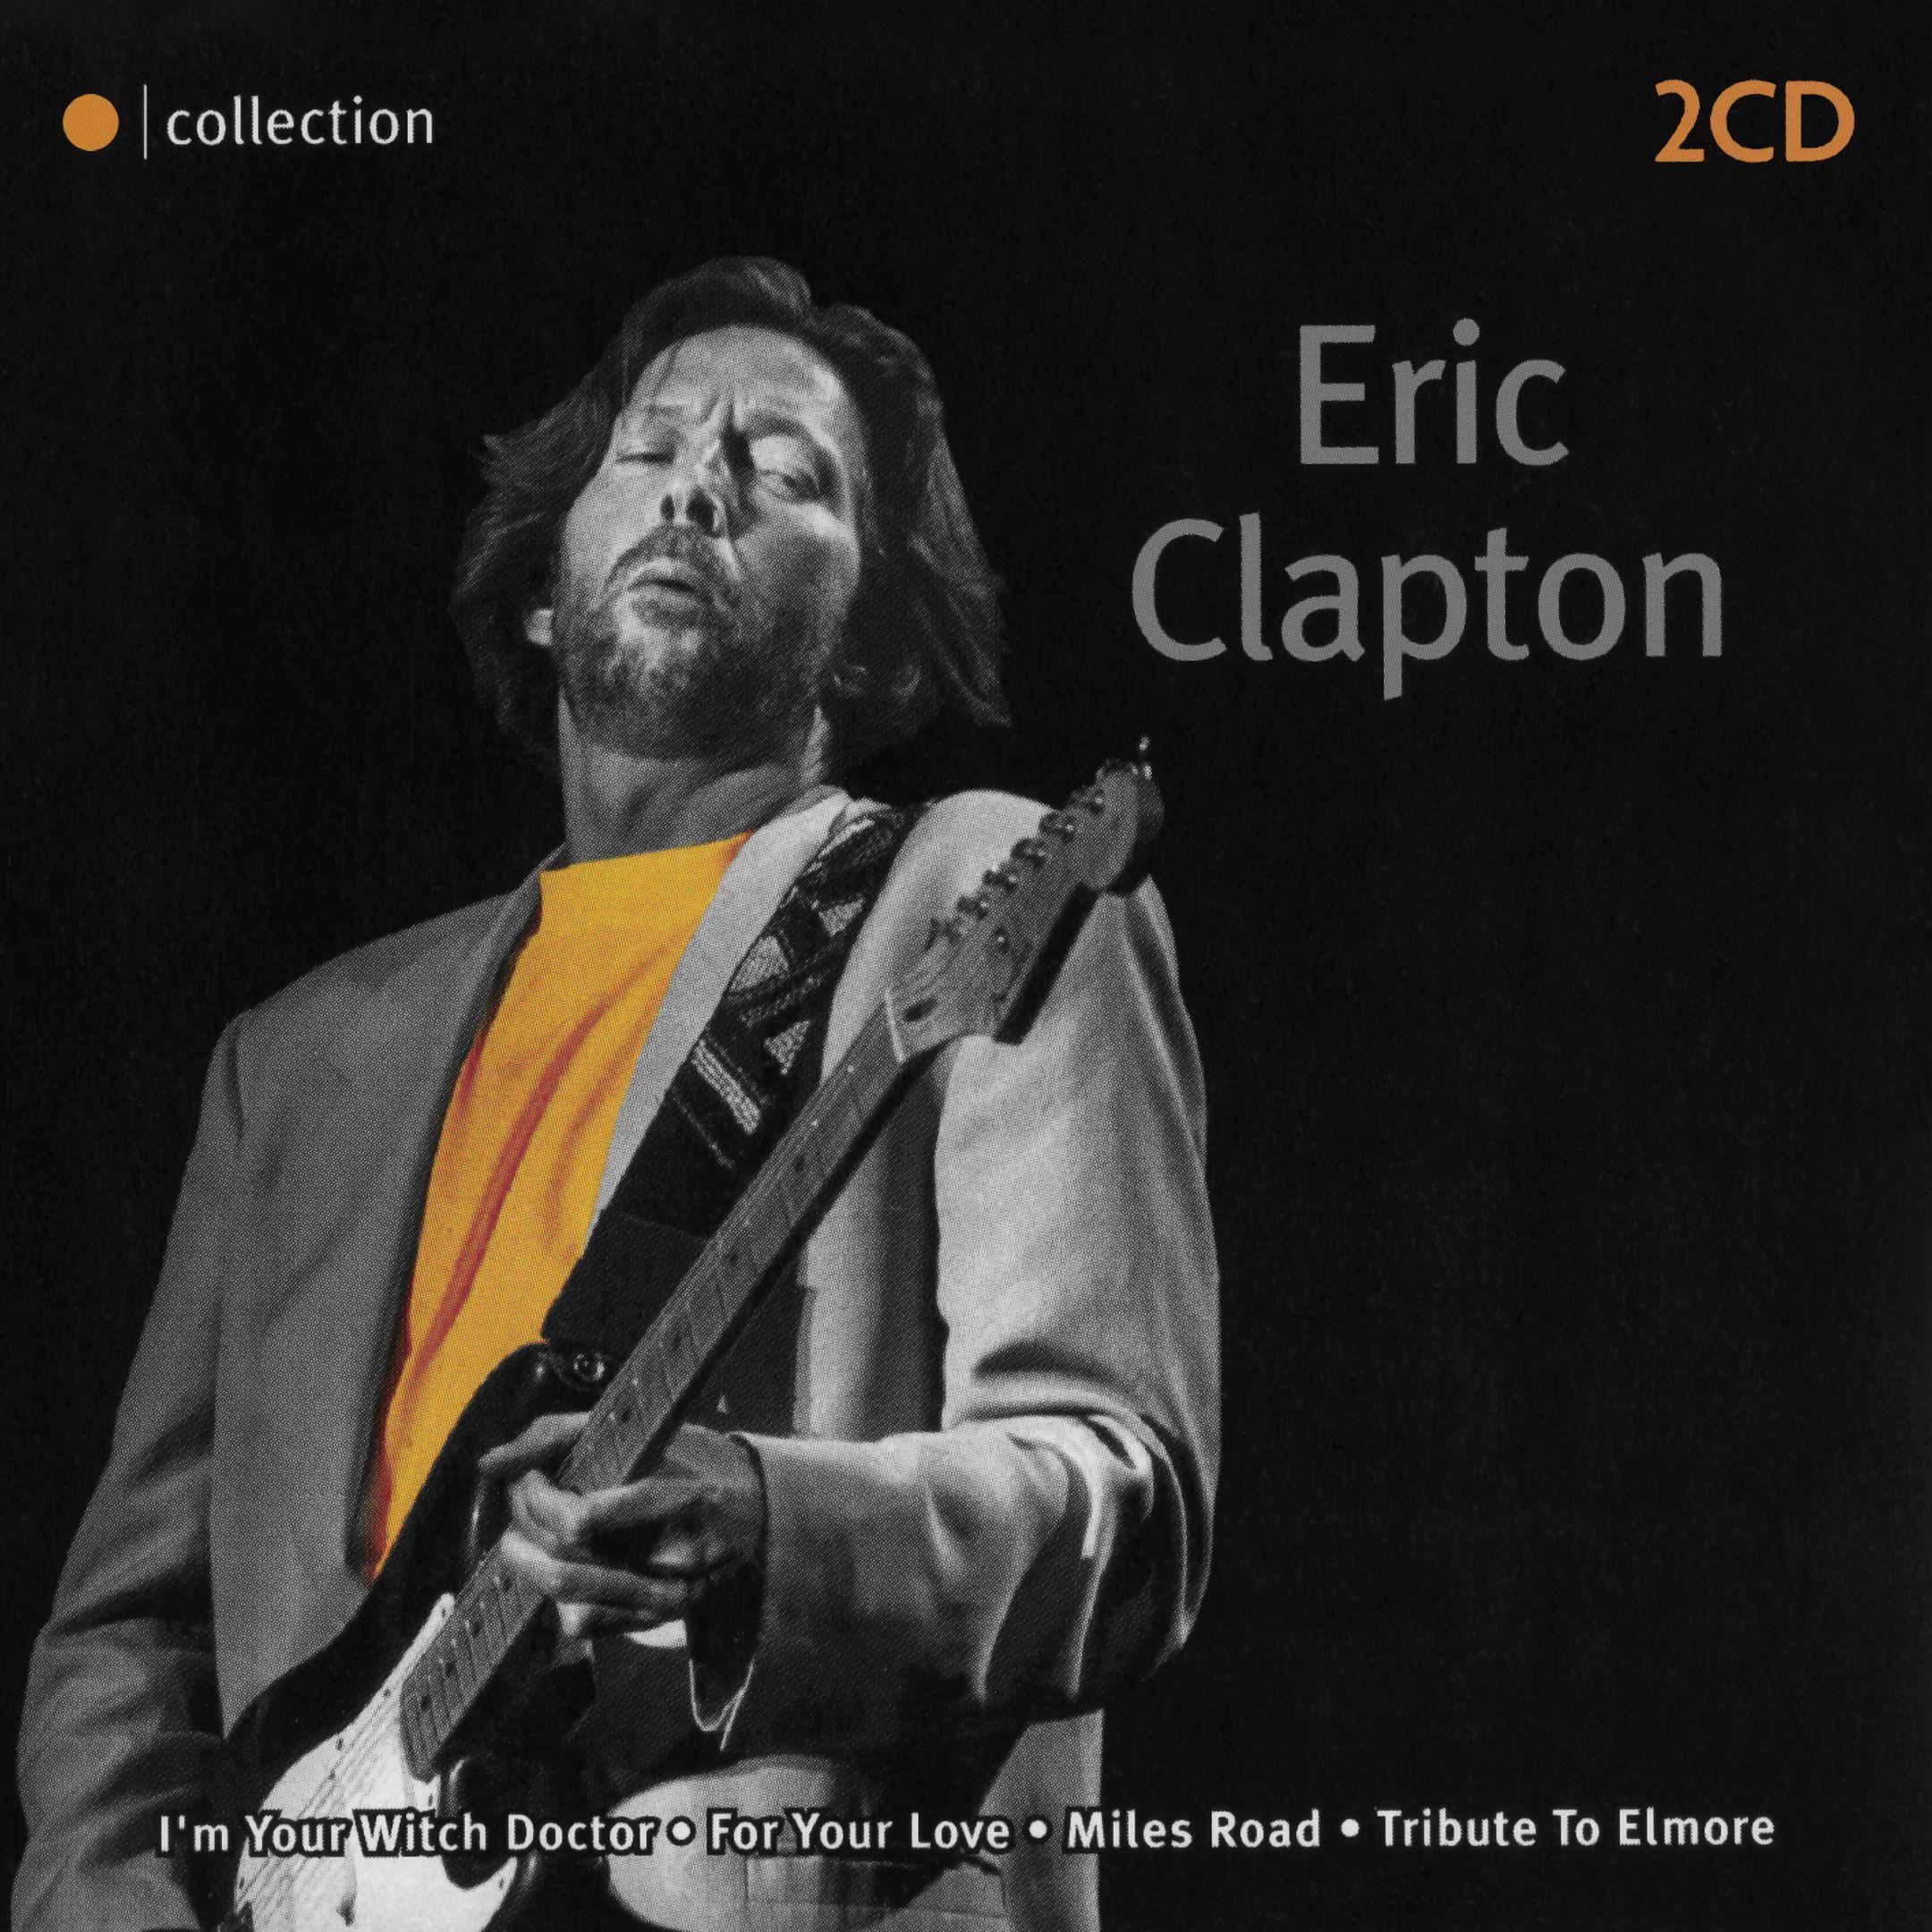 Eric Clapton - Eric Clapton album cover